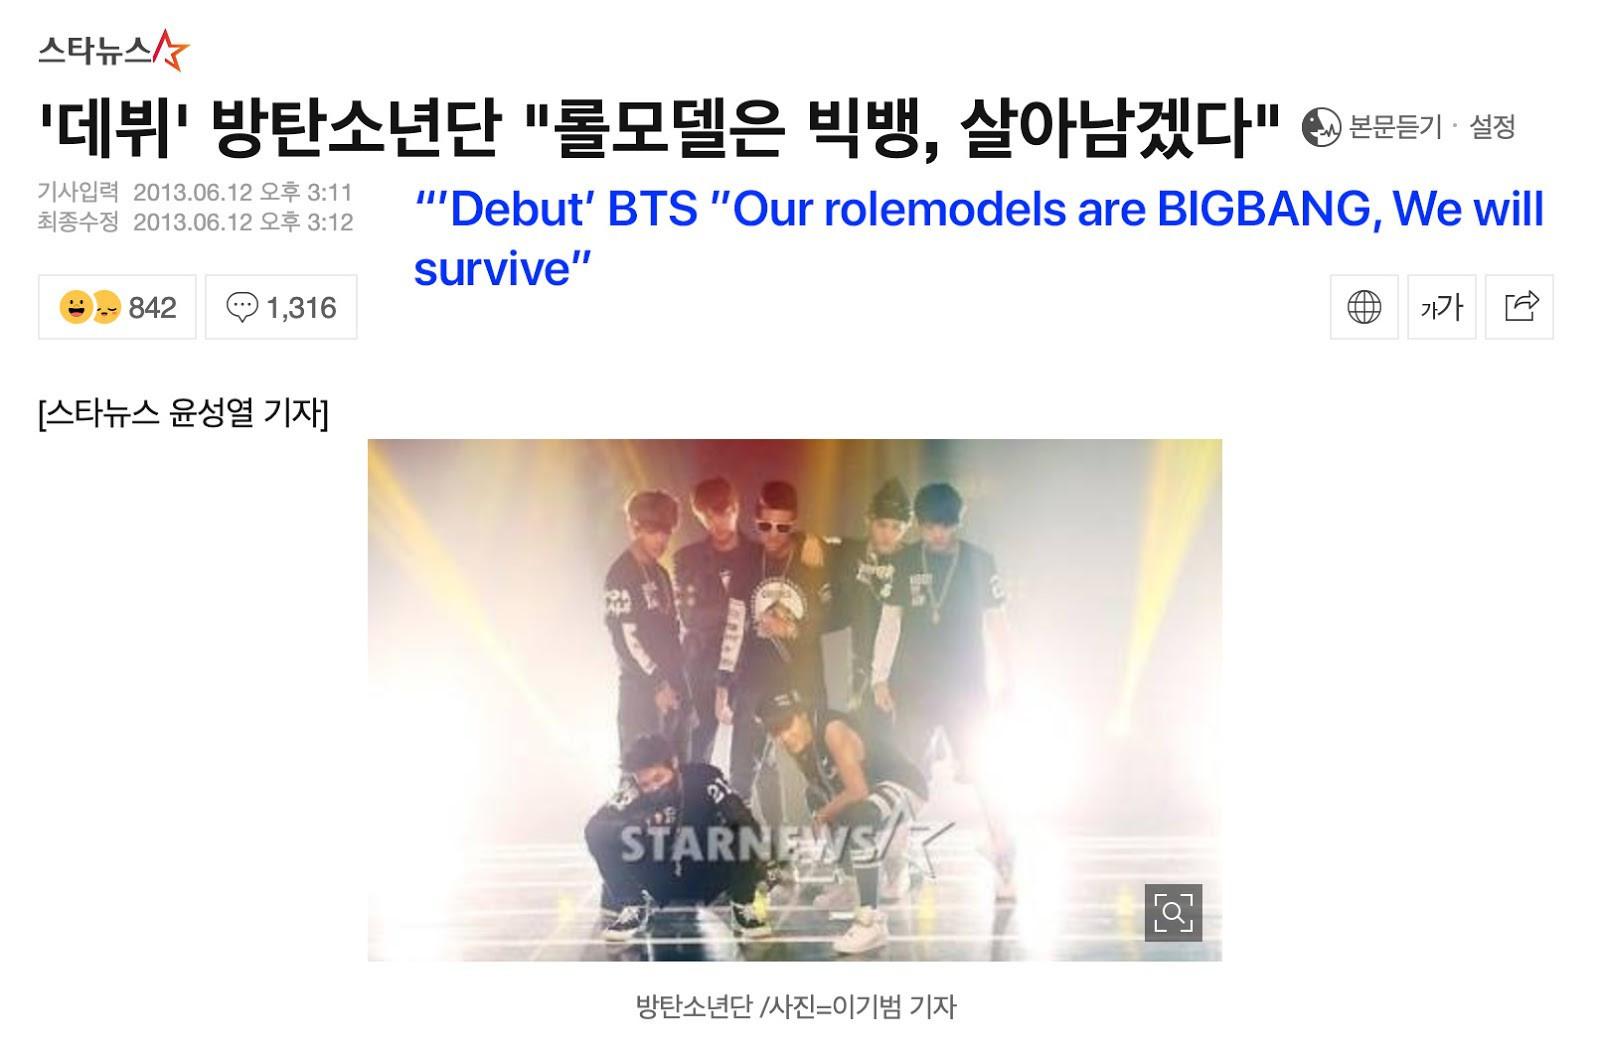 Rùng mình câu nói 6 năm trước của BTS sau chuỗi thành tích kỷ lục thế giới: Lời tiên đoán là có thật!